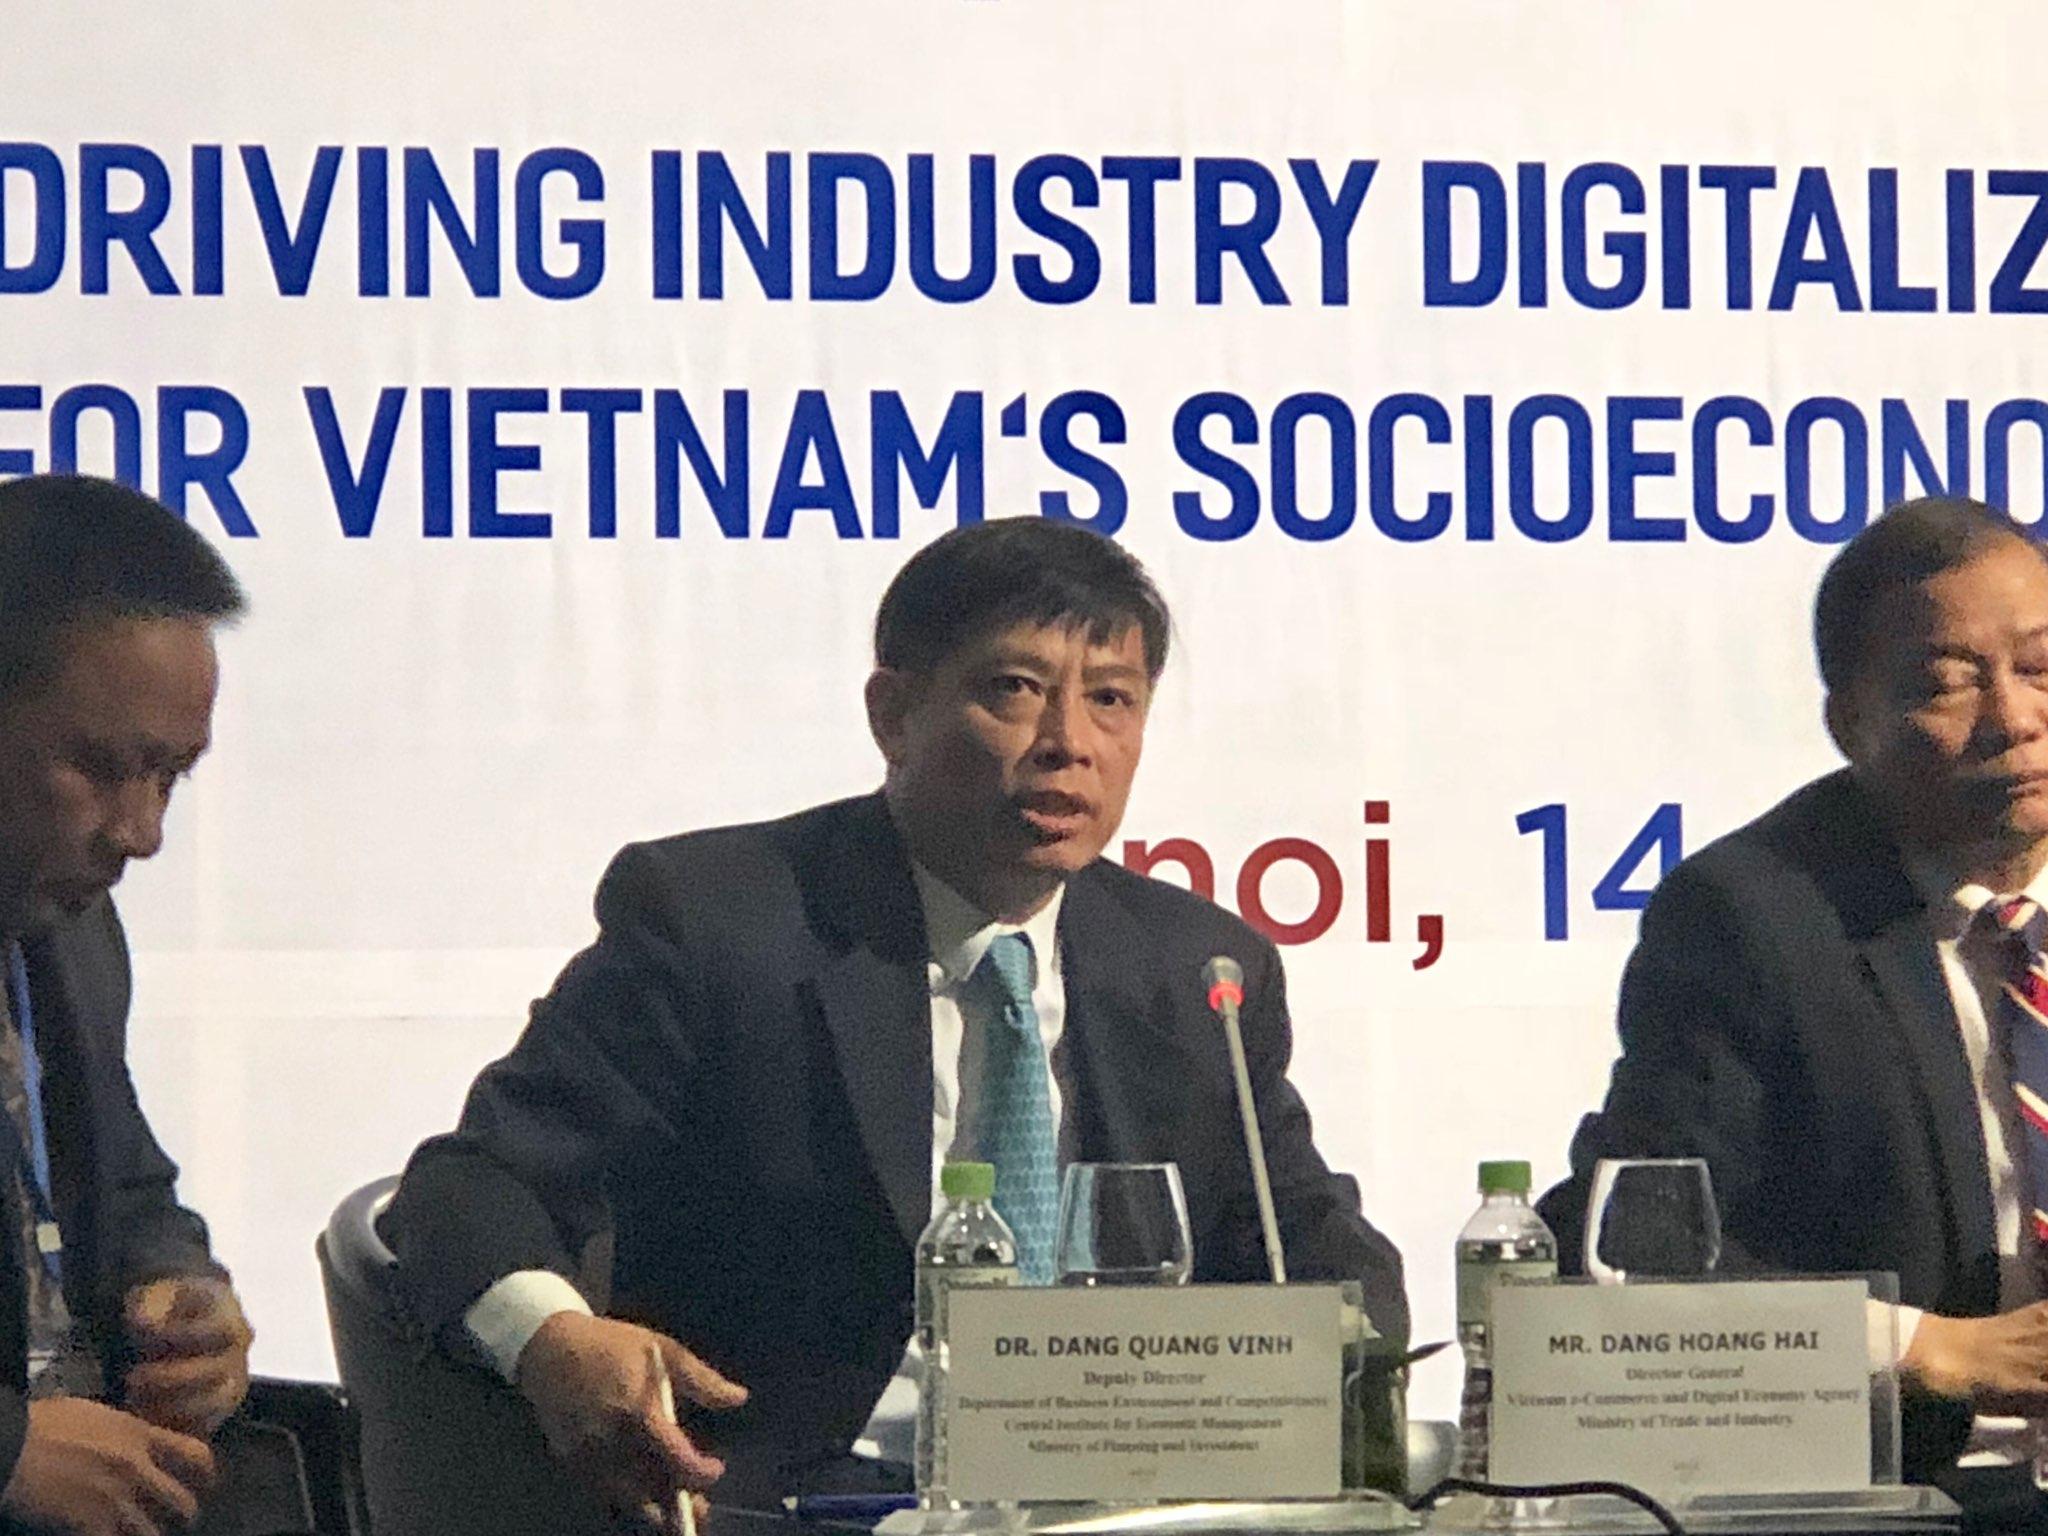 EVFTA: Doanh nghiệp Việt cần sẵn sàng nếu không muốn bị bỏ lại 1